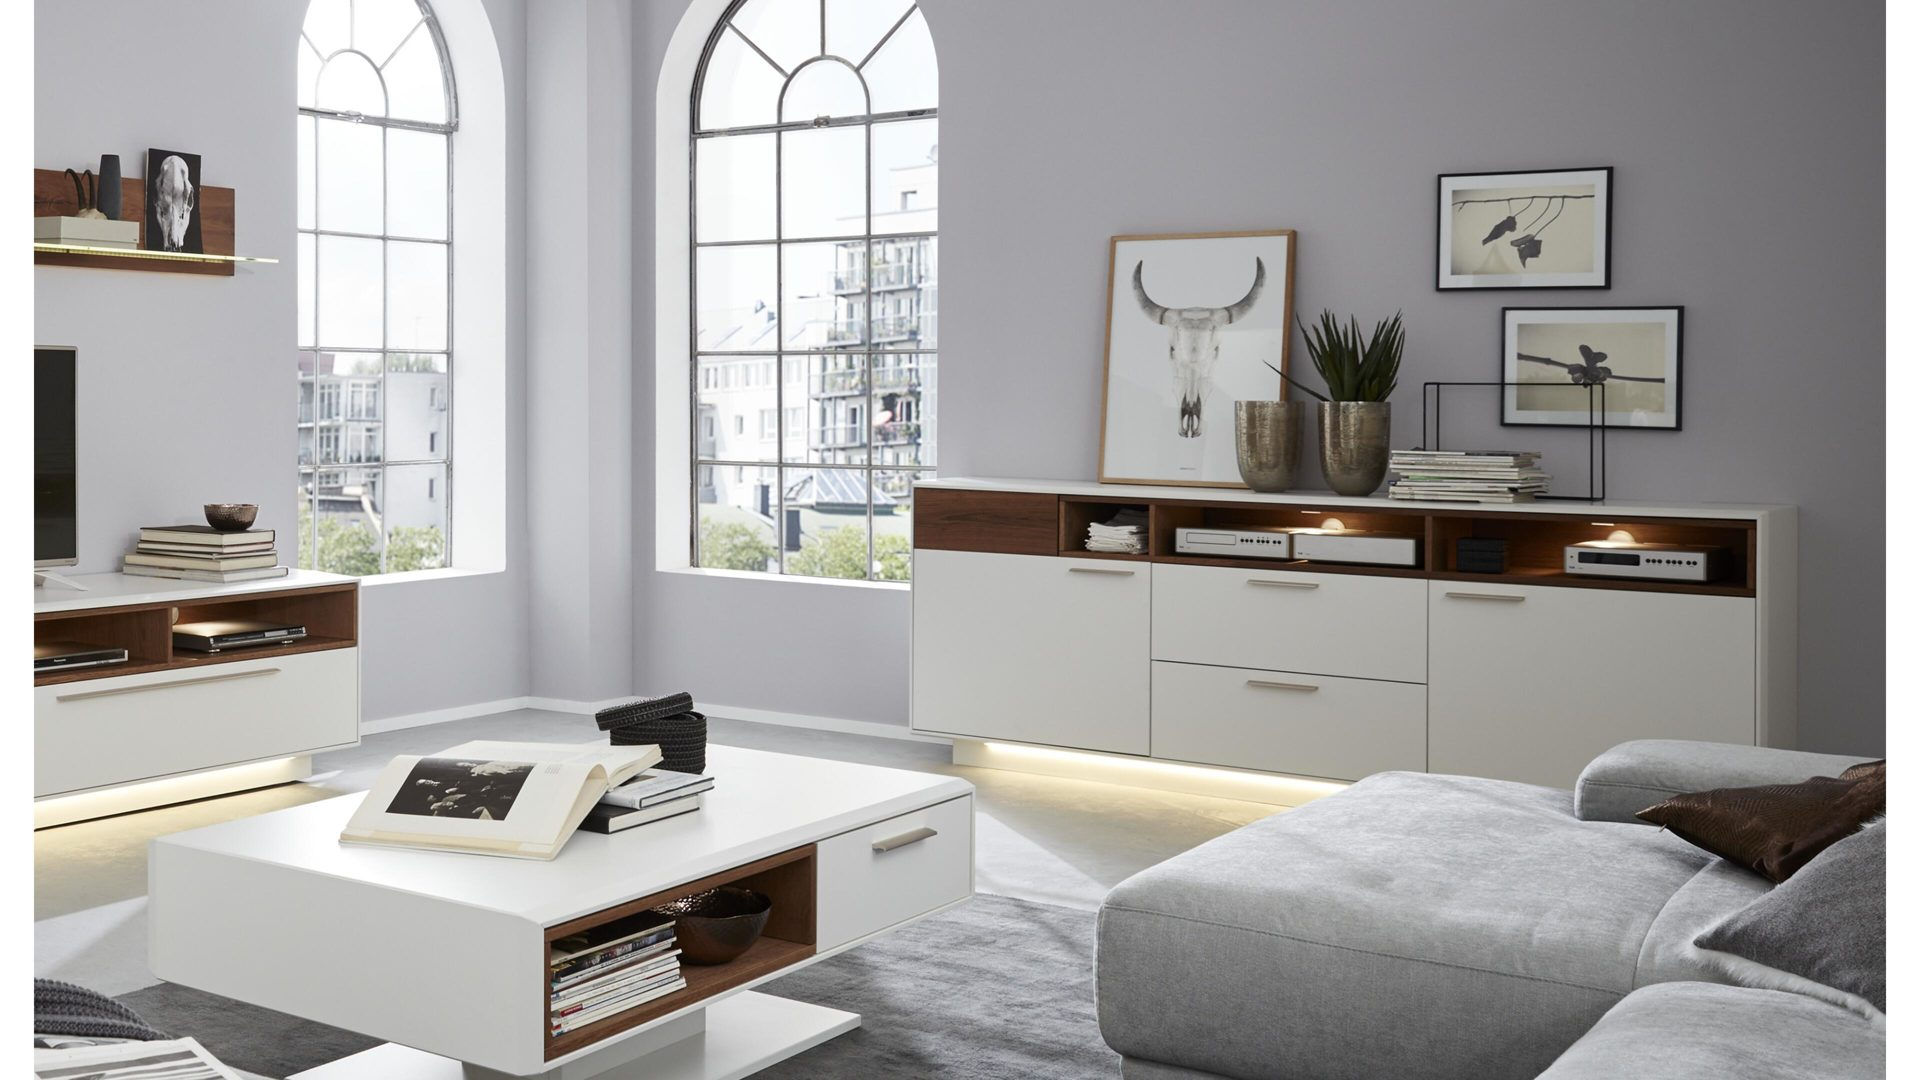 mobel boer coesfeld mobel boer interliving interliving wohnzimmer serie 2102 sideboard dunkles asteiche furnier weisser mattlack metallkufen zwei